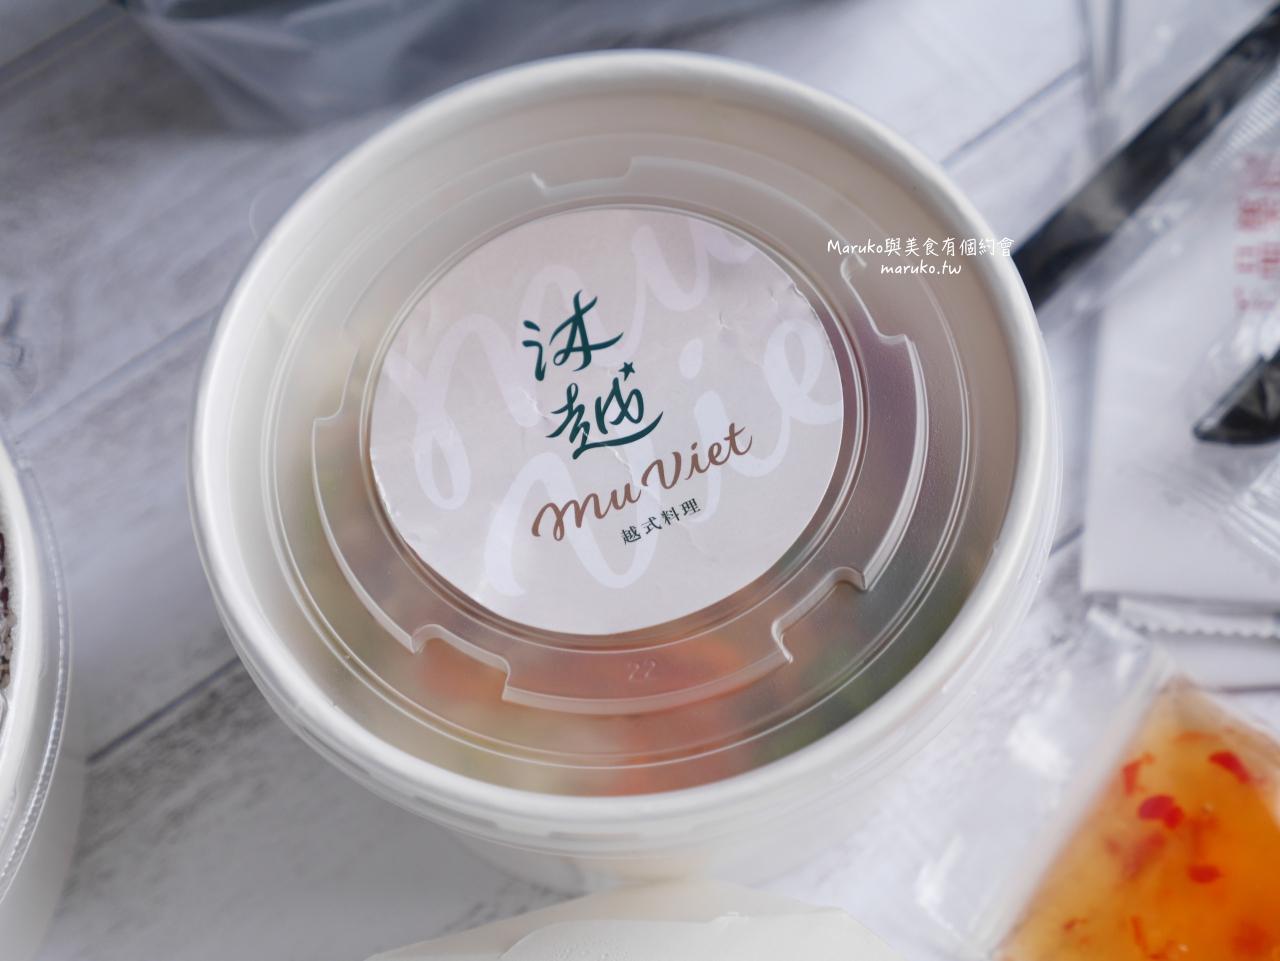 掰掰了!最美的越式料理餐廳 王品沐越品牌即將結束? @Maruko與美食有個約會